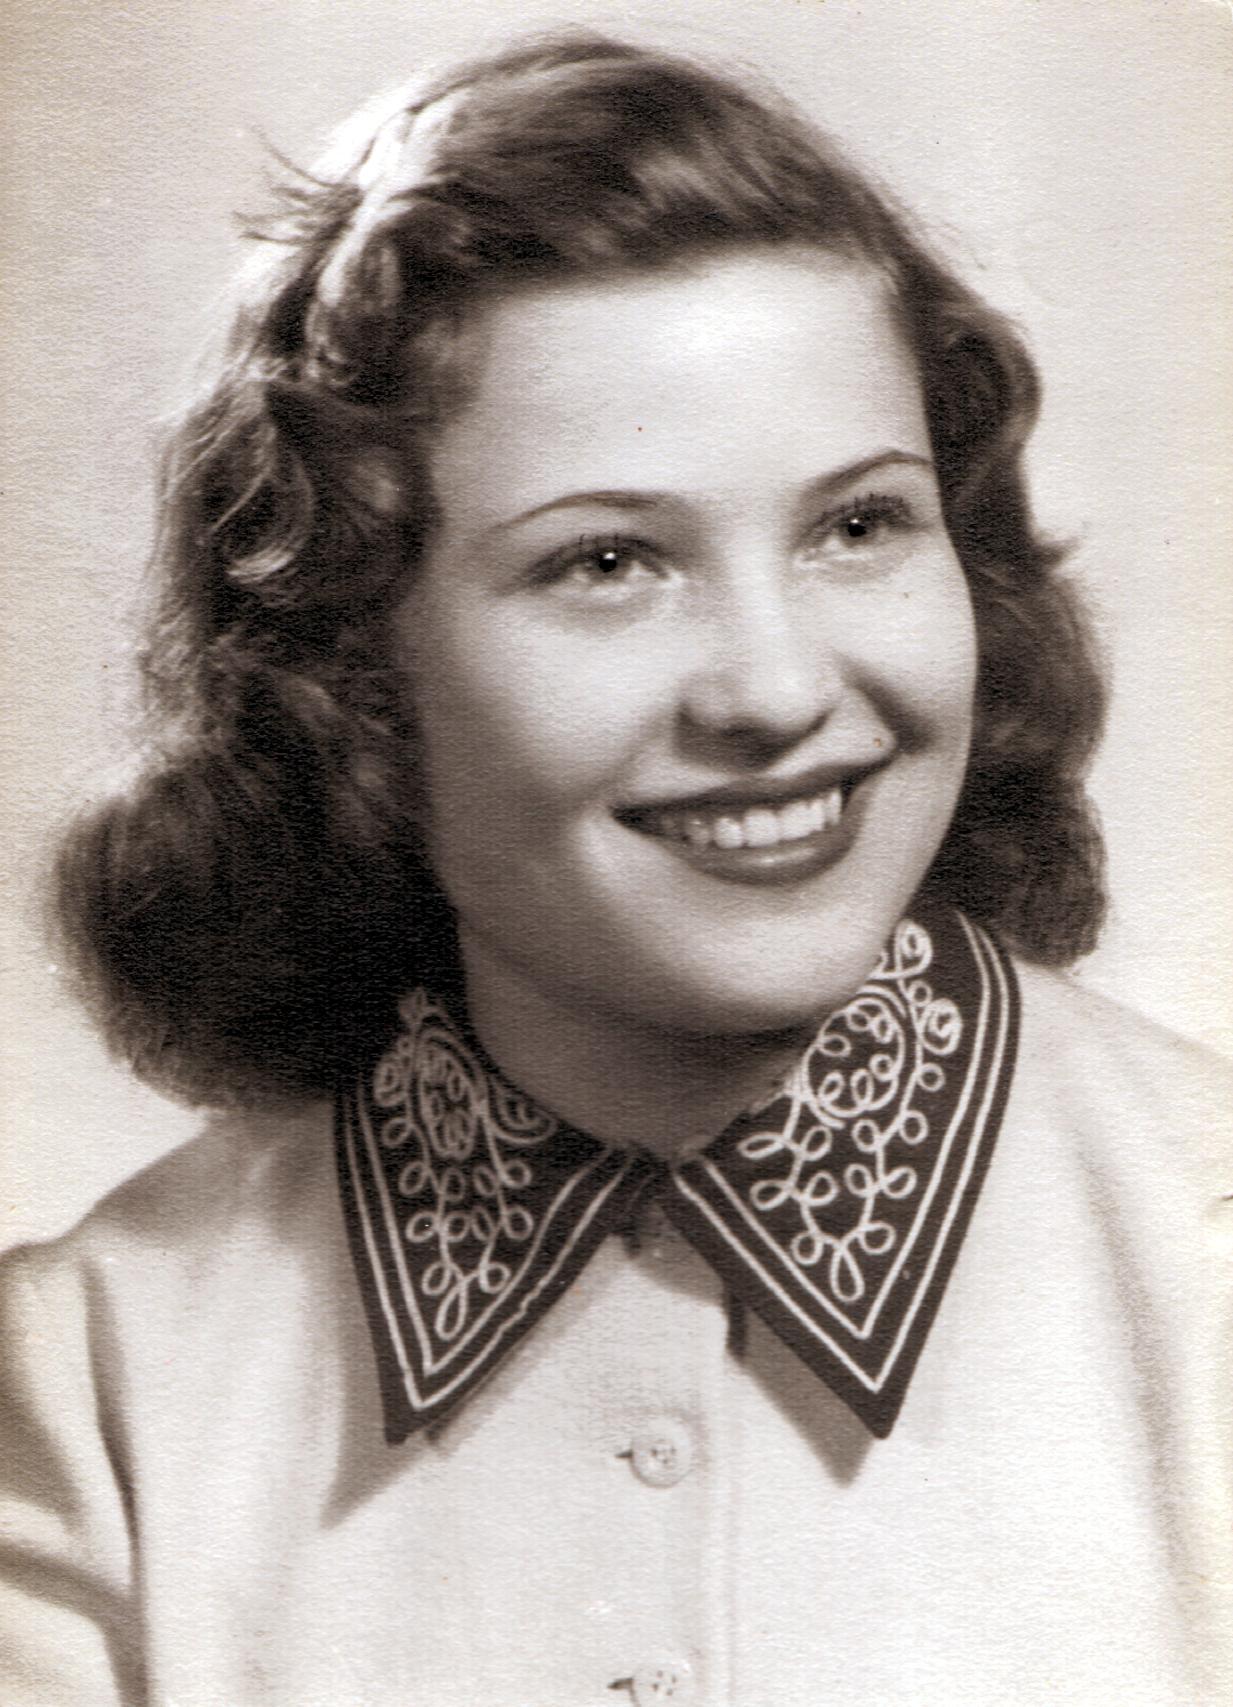 Peter Reisz's wife Veronika Reisz